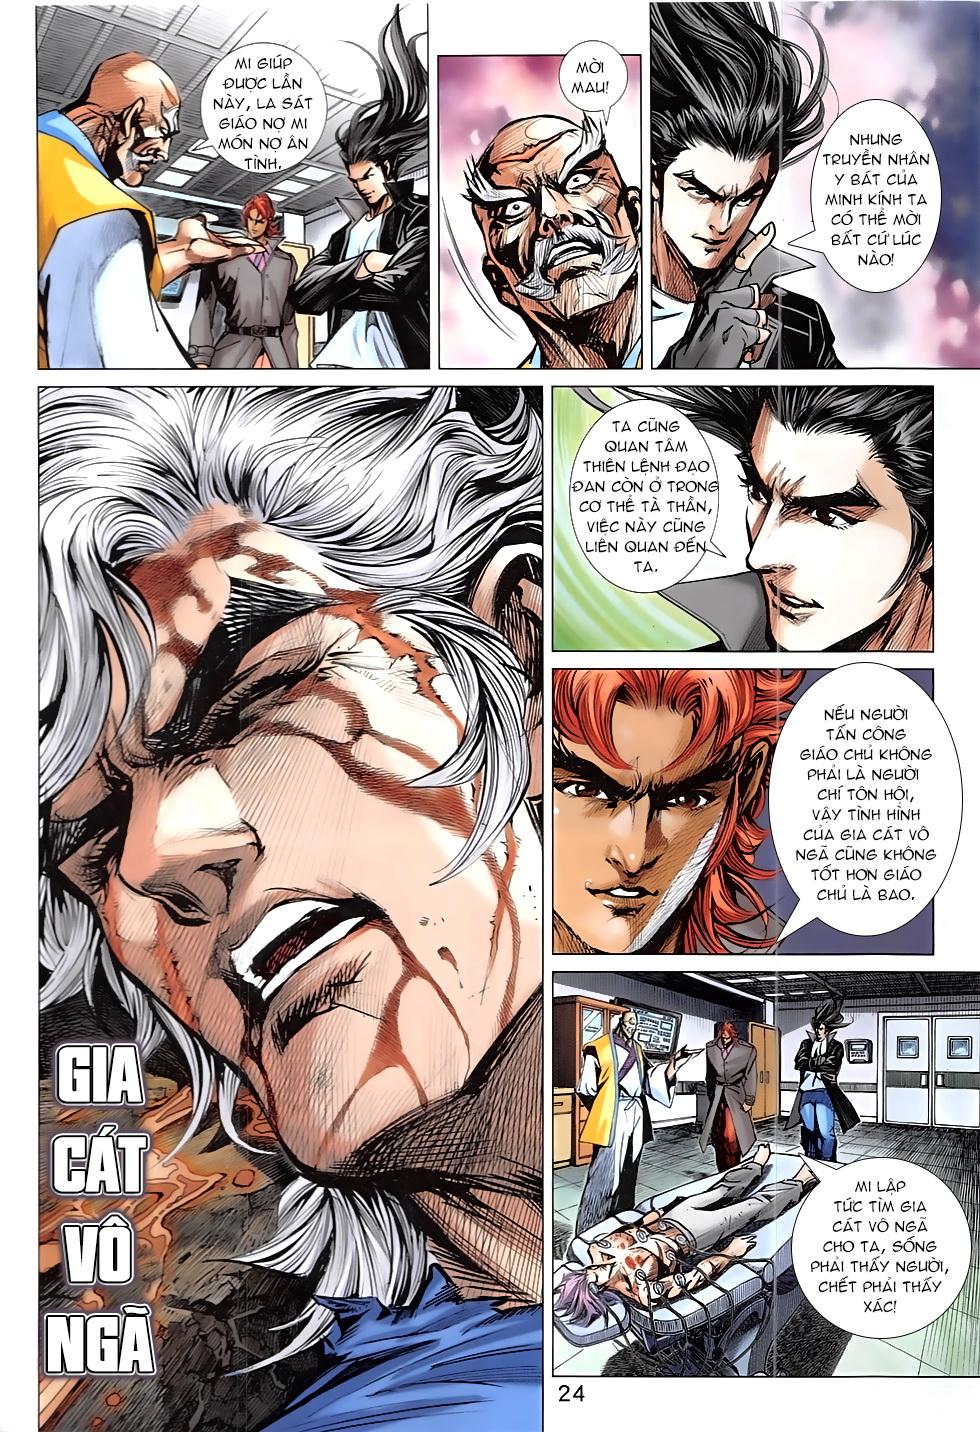 Tân Tác Long Hổ Môn Chap 837 page 24 - Truyentranhaz.net